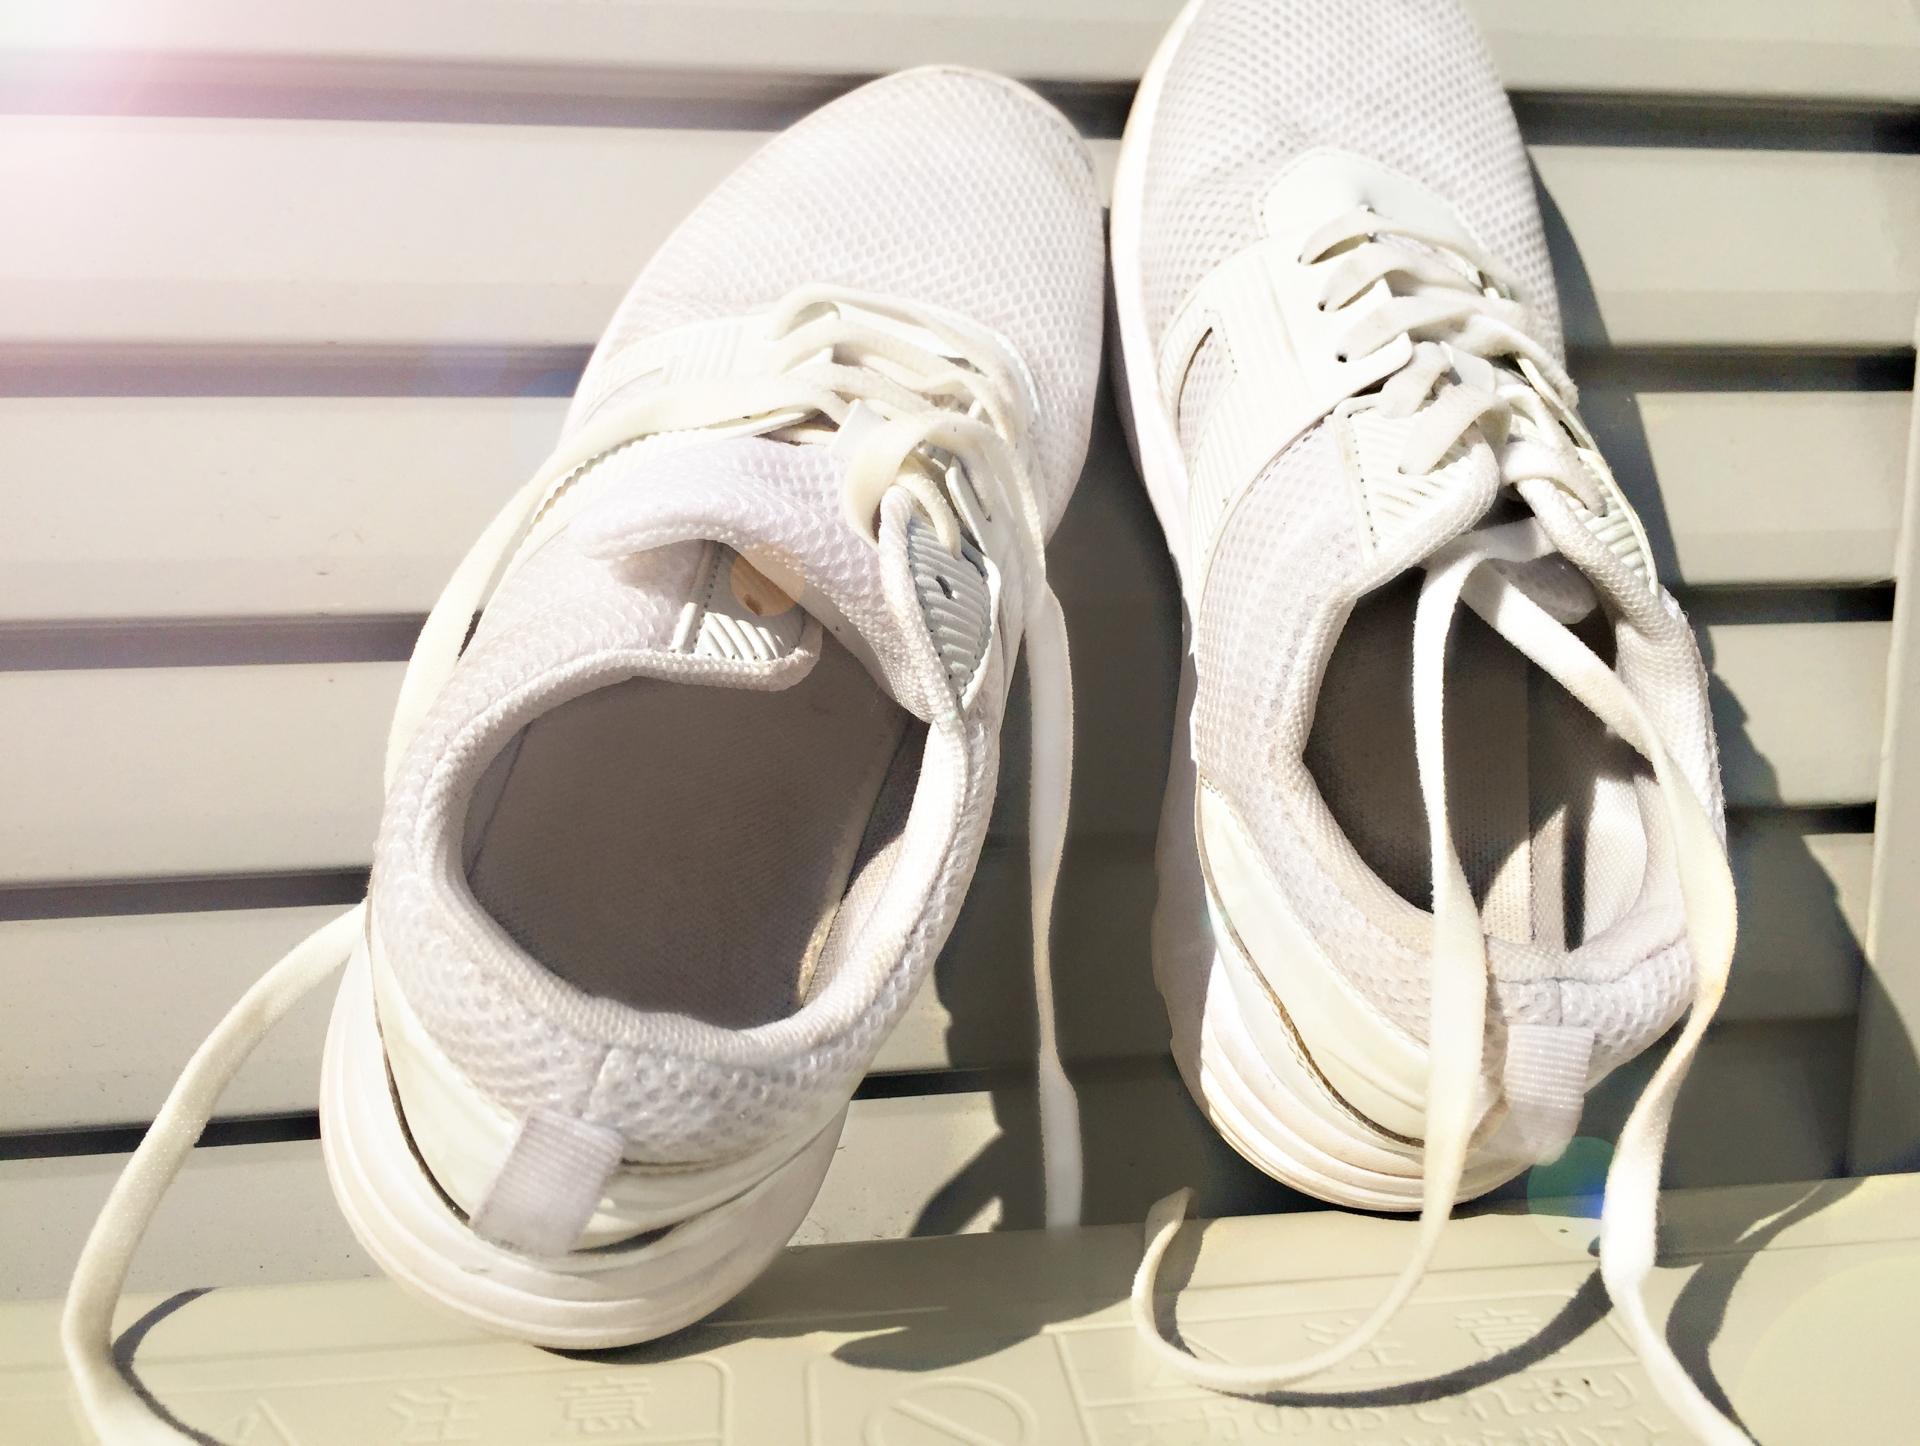 泥汚れの付いた靴を乾かし、手で汚れを叩き落としたら乾いた靴用のブラシなどで再度汚れを落としてから浸け置き洗いをします。